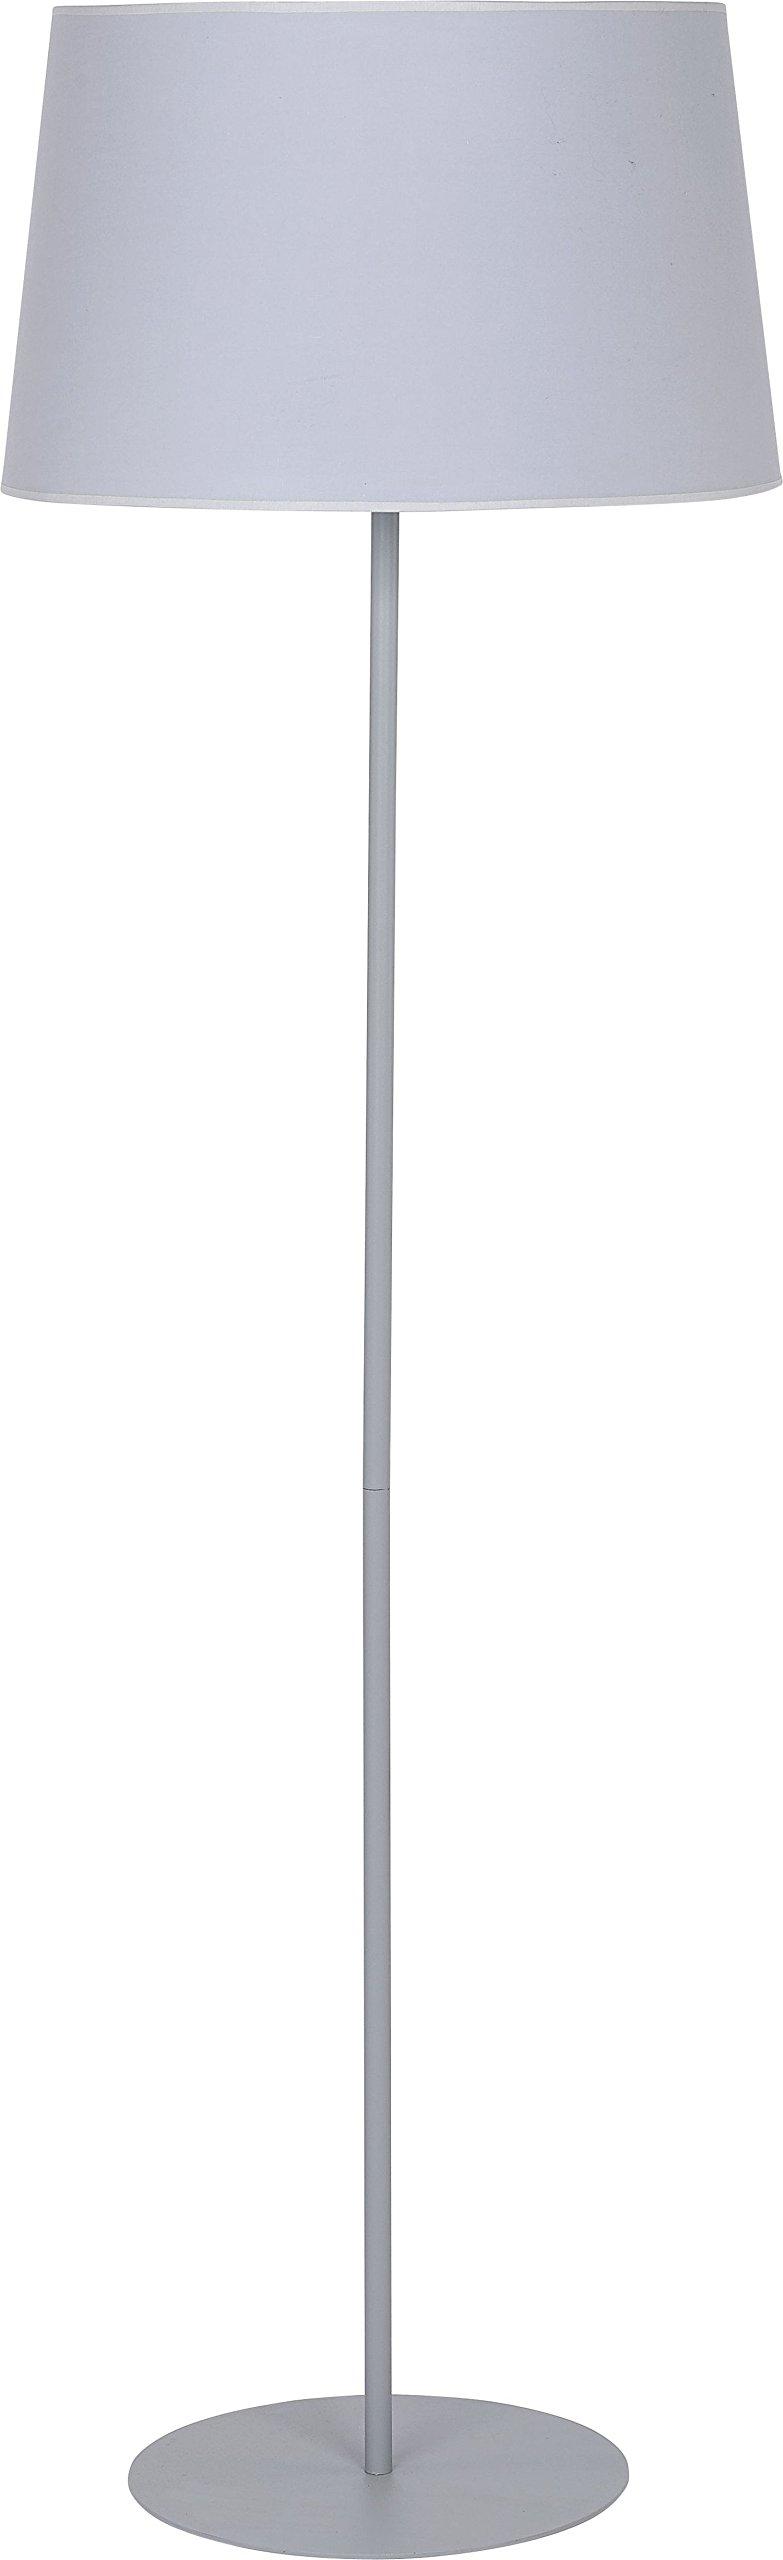 40 x 40 x 150 cm marr/ón claro Trio Leuchten L/ámpara de pie E27